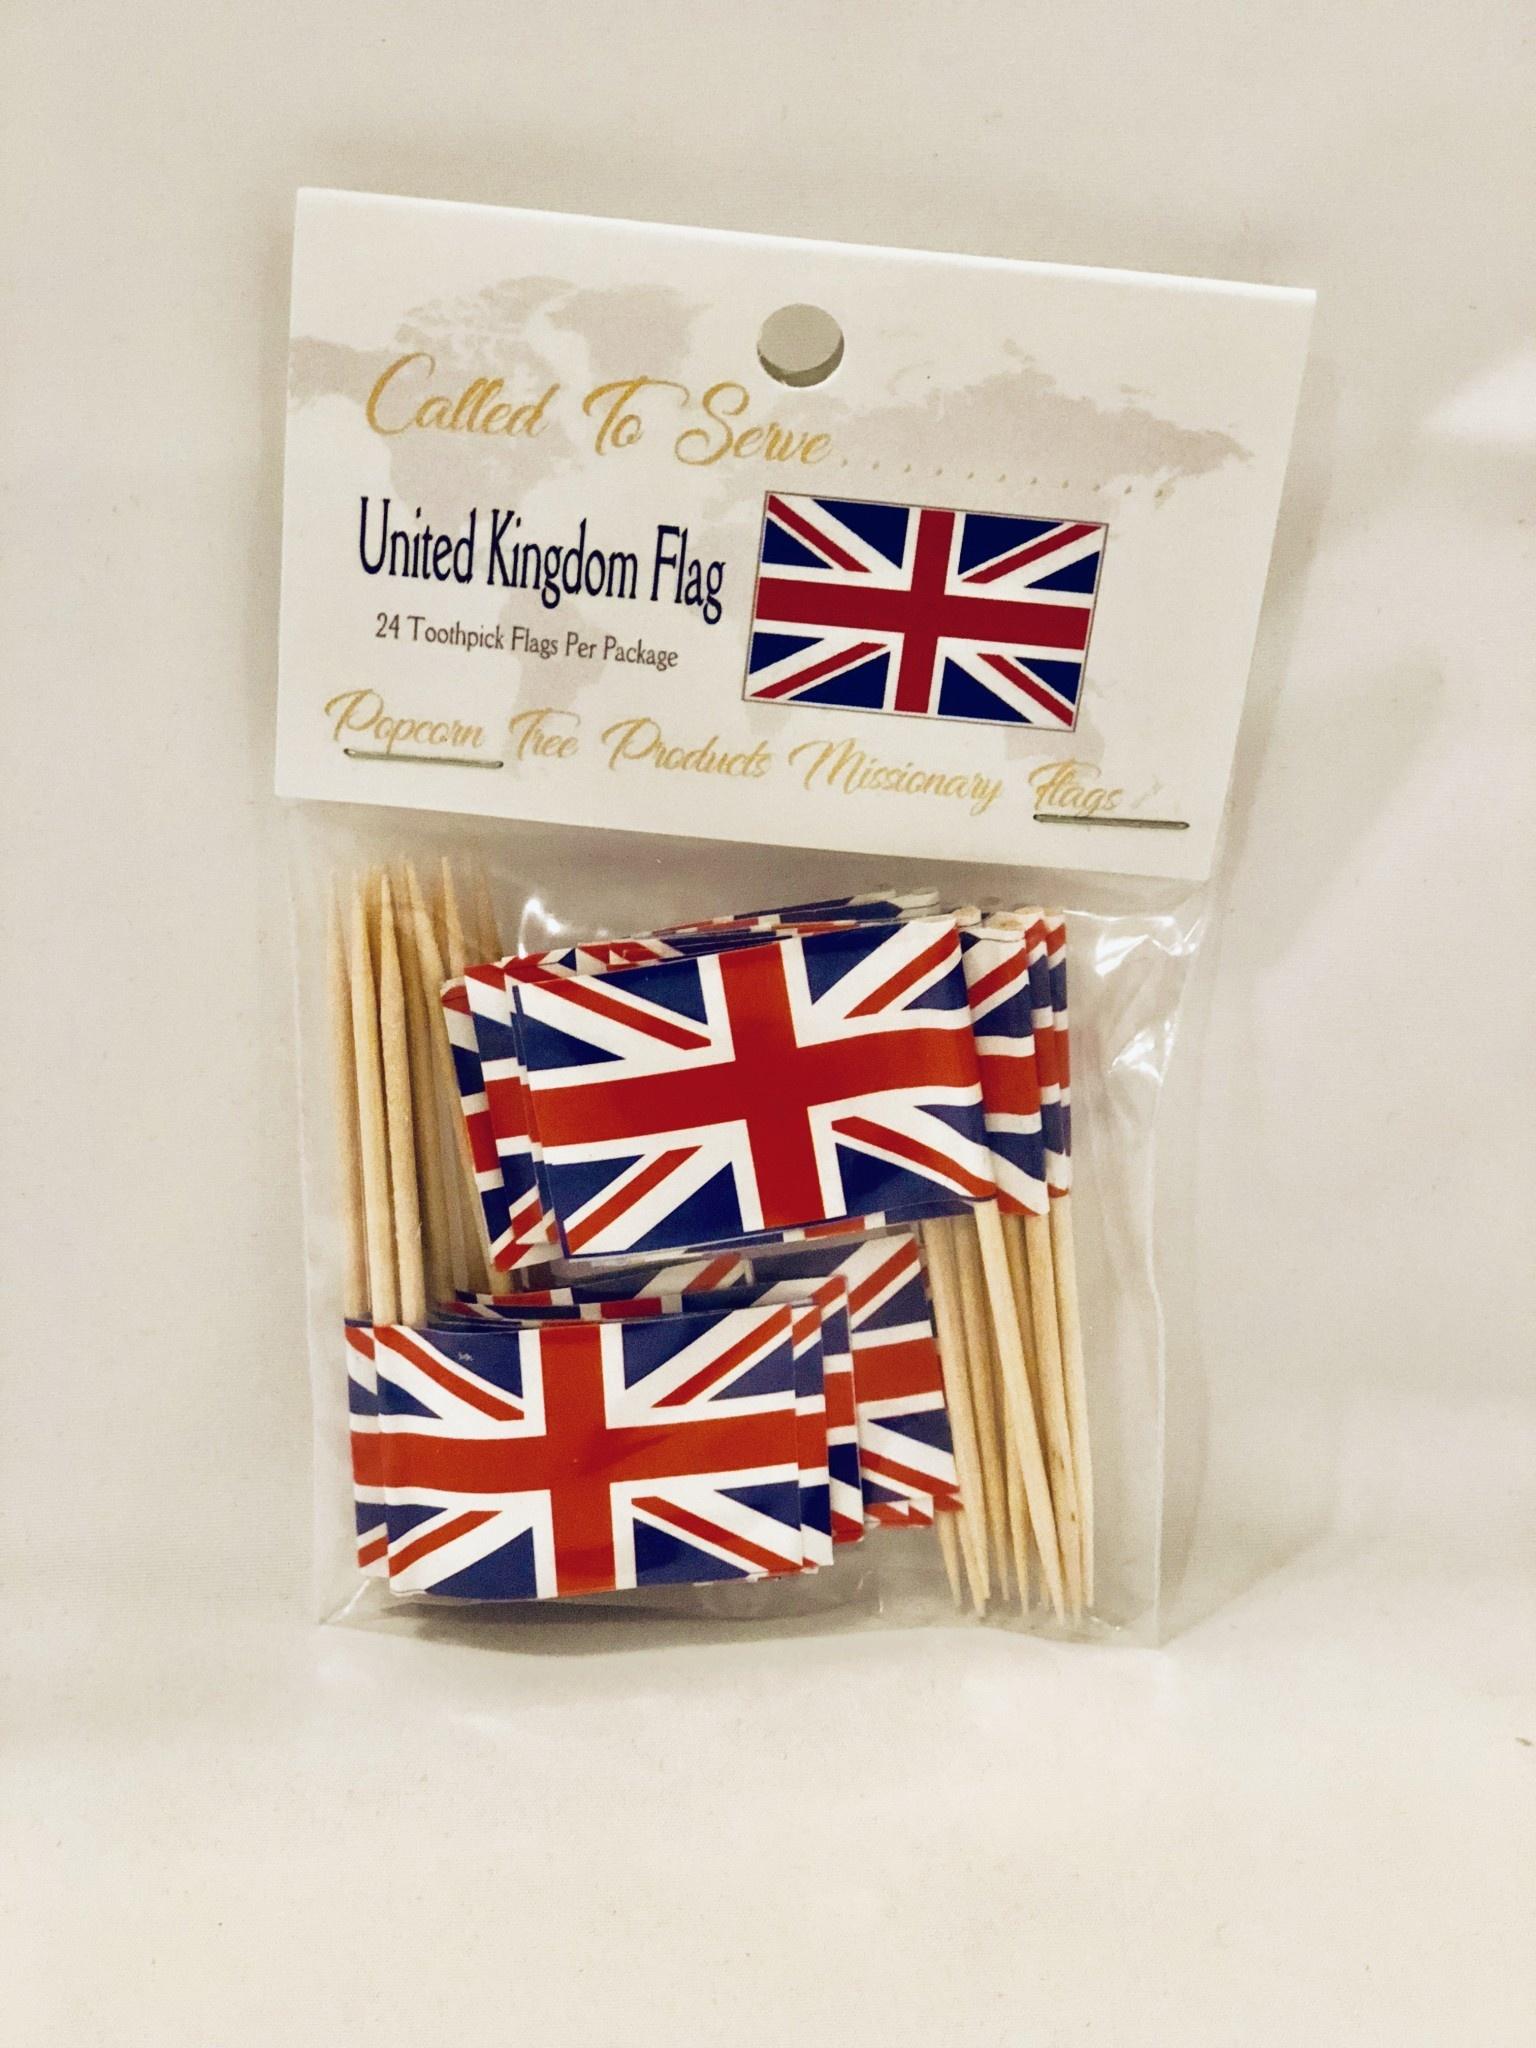 Toothpick Flags - United Kingdom